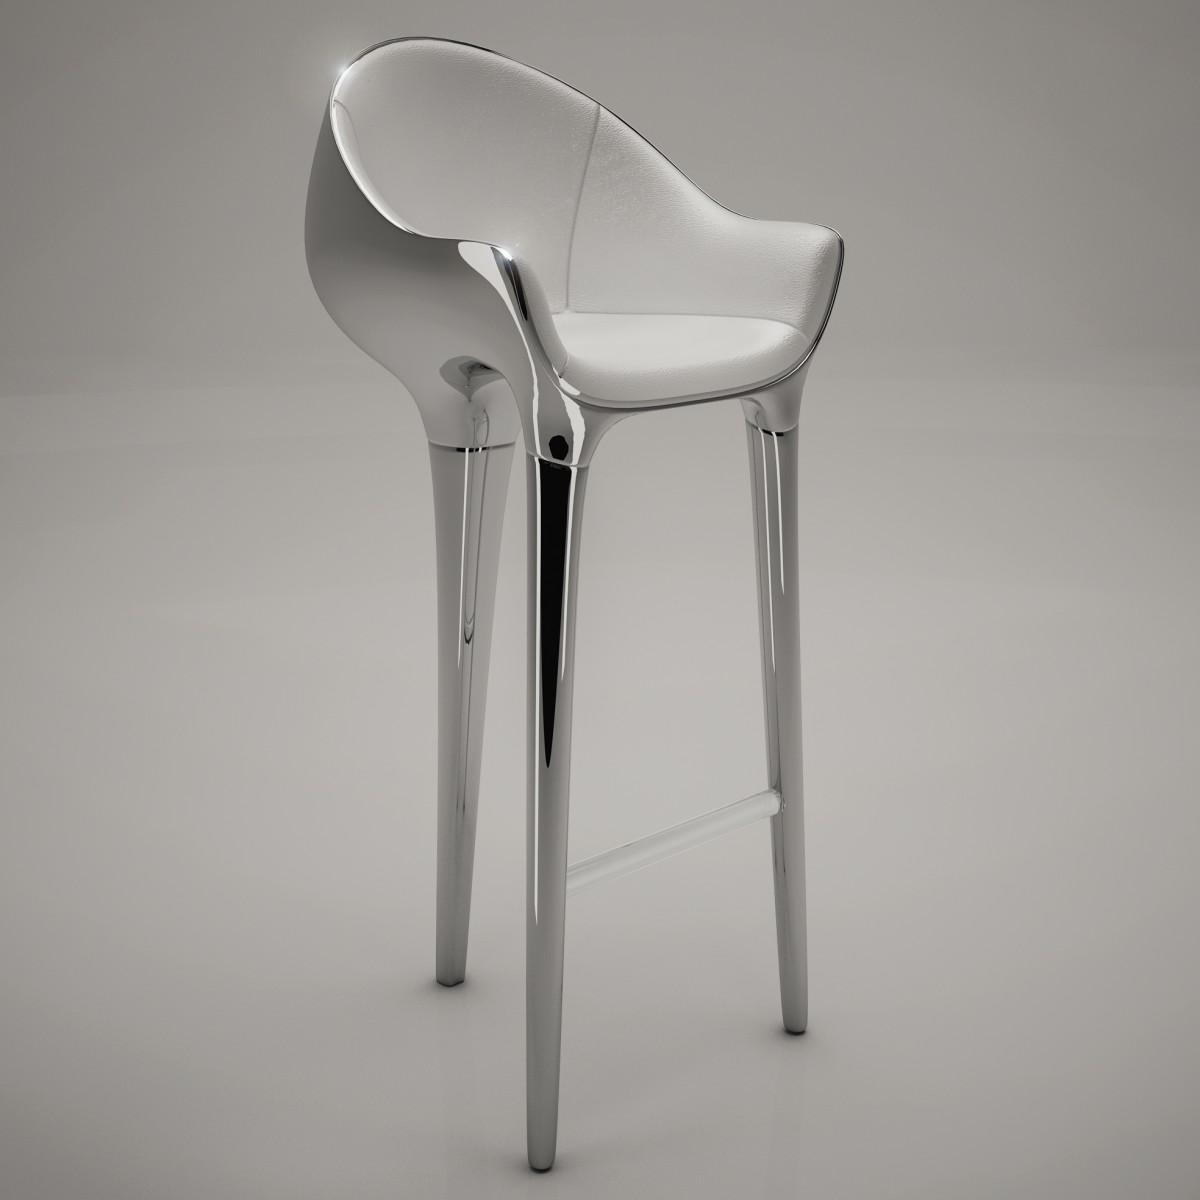 KUMAN | Design - Tabouret KCHD 03